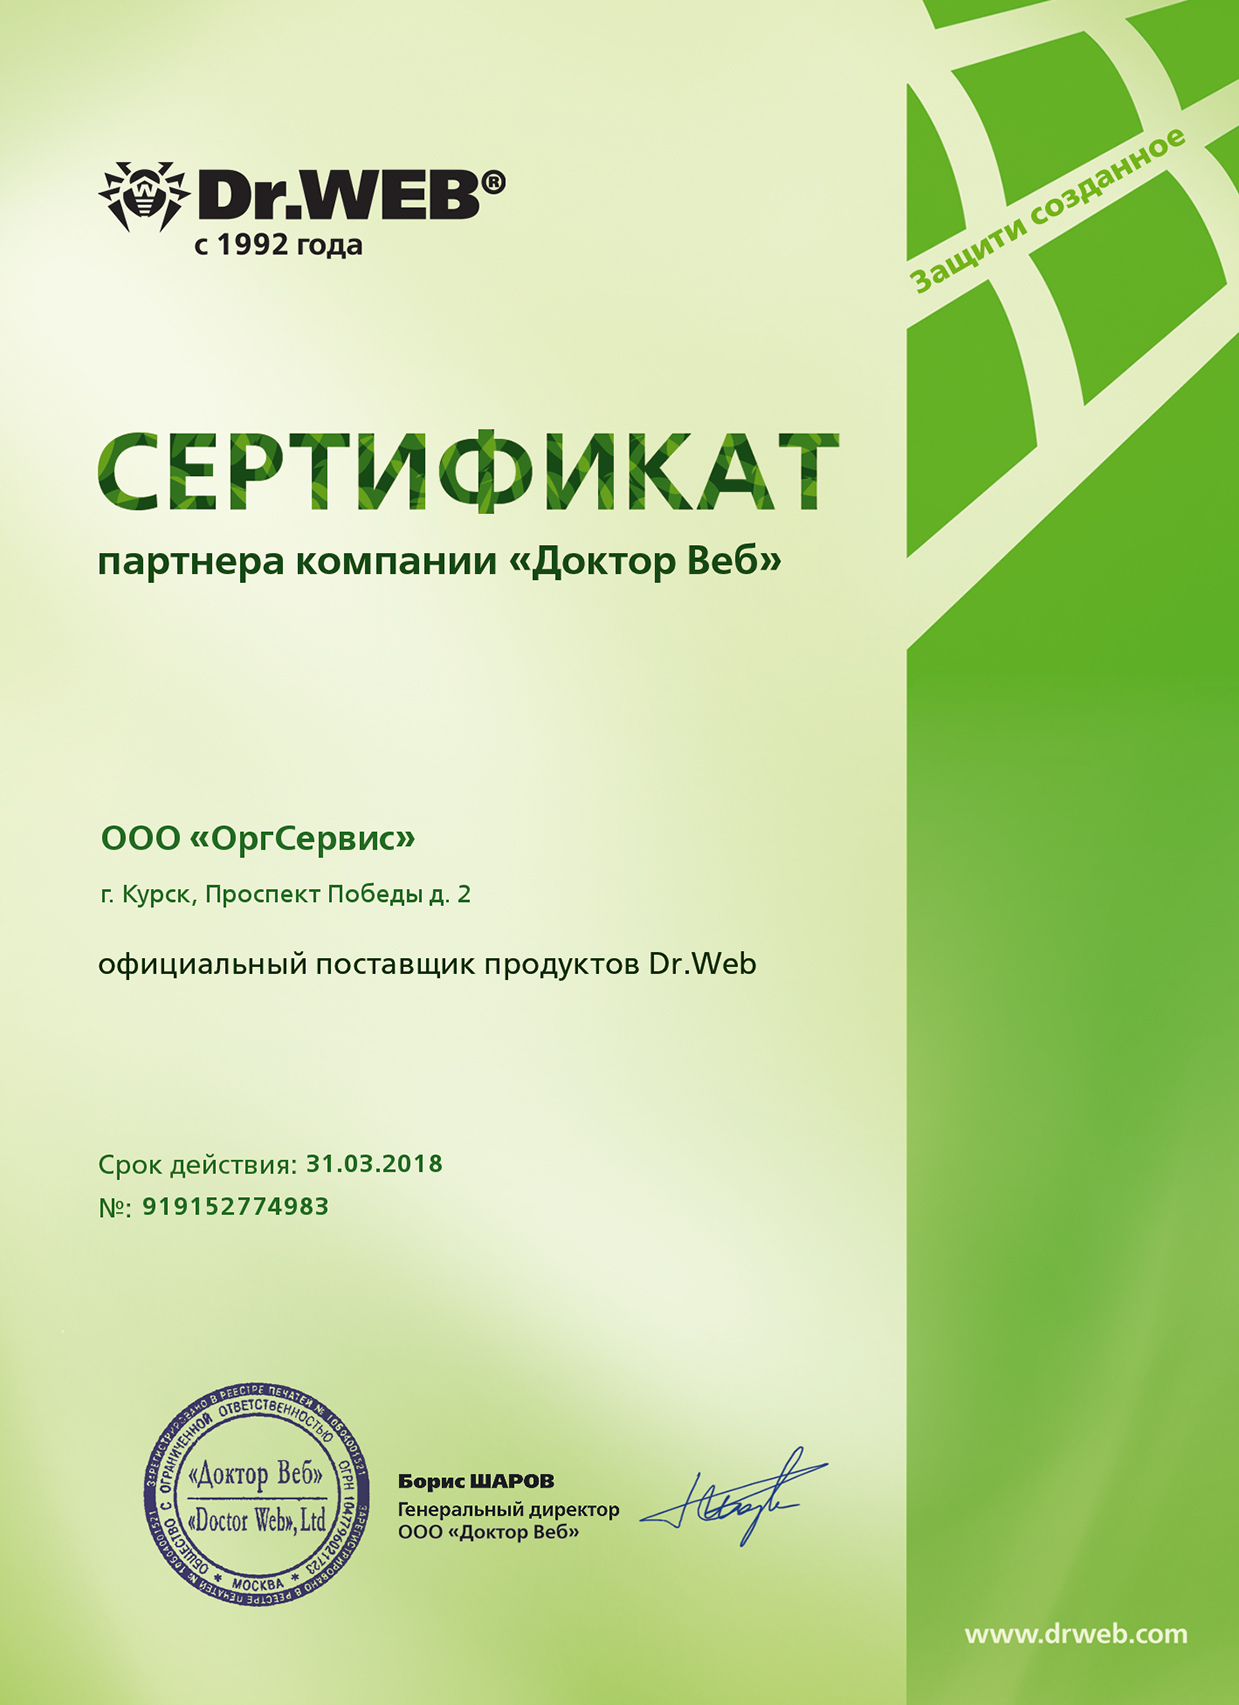 Сертификат партнера компании Dr. Web